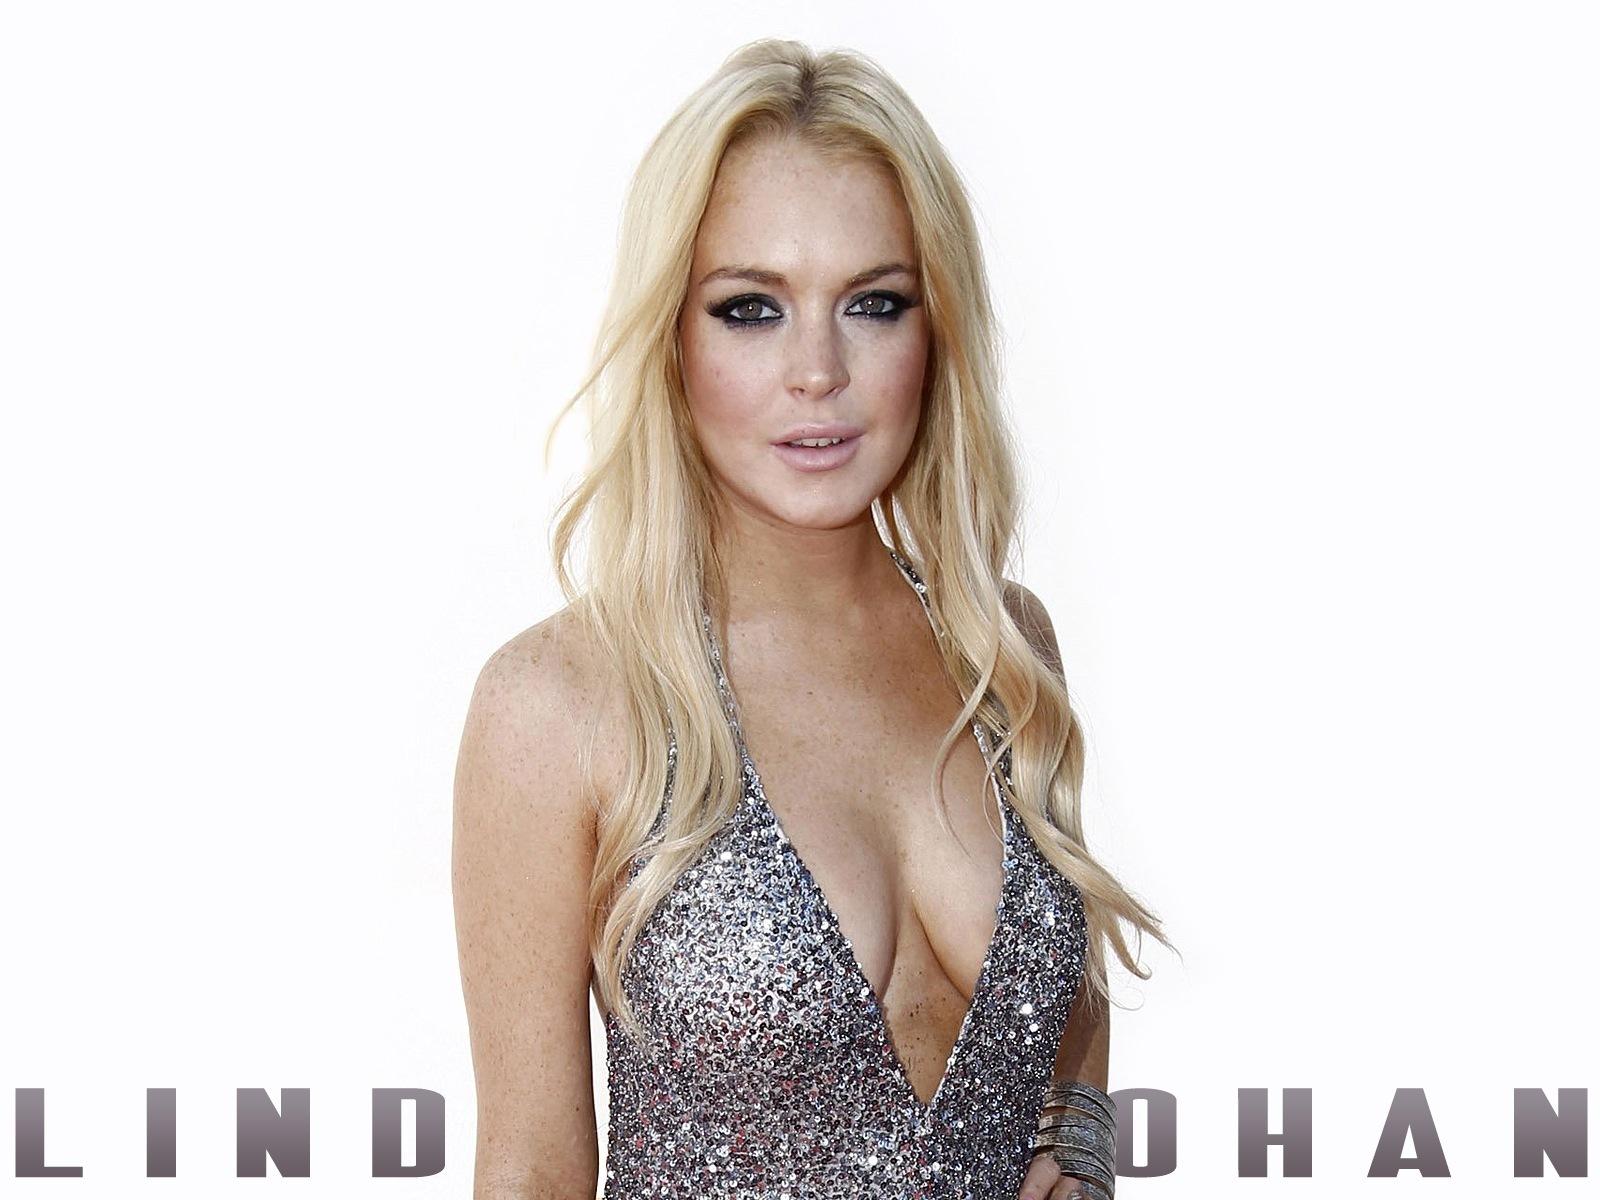 Lindsay Lohan LiLo Lindsay Lohan